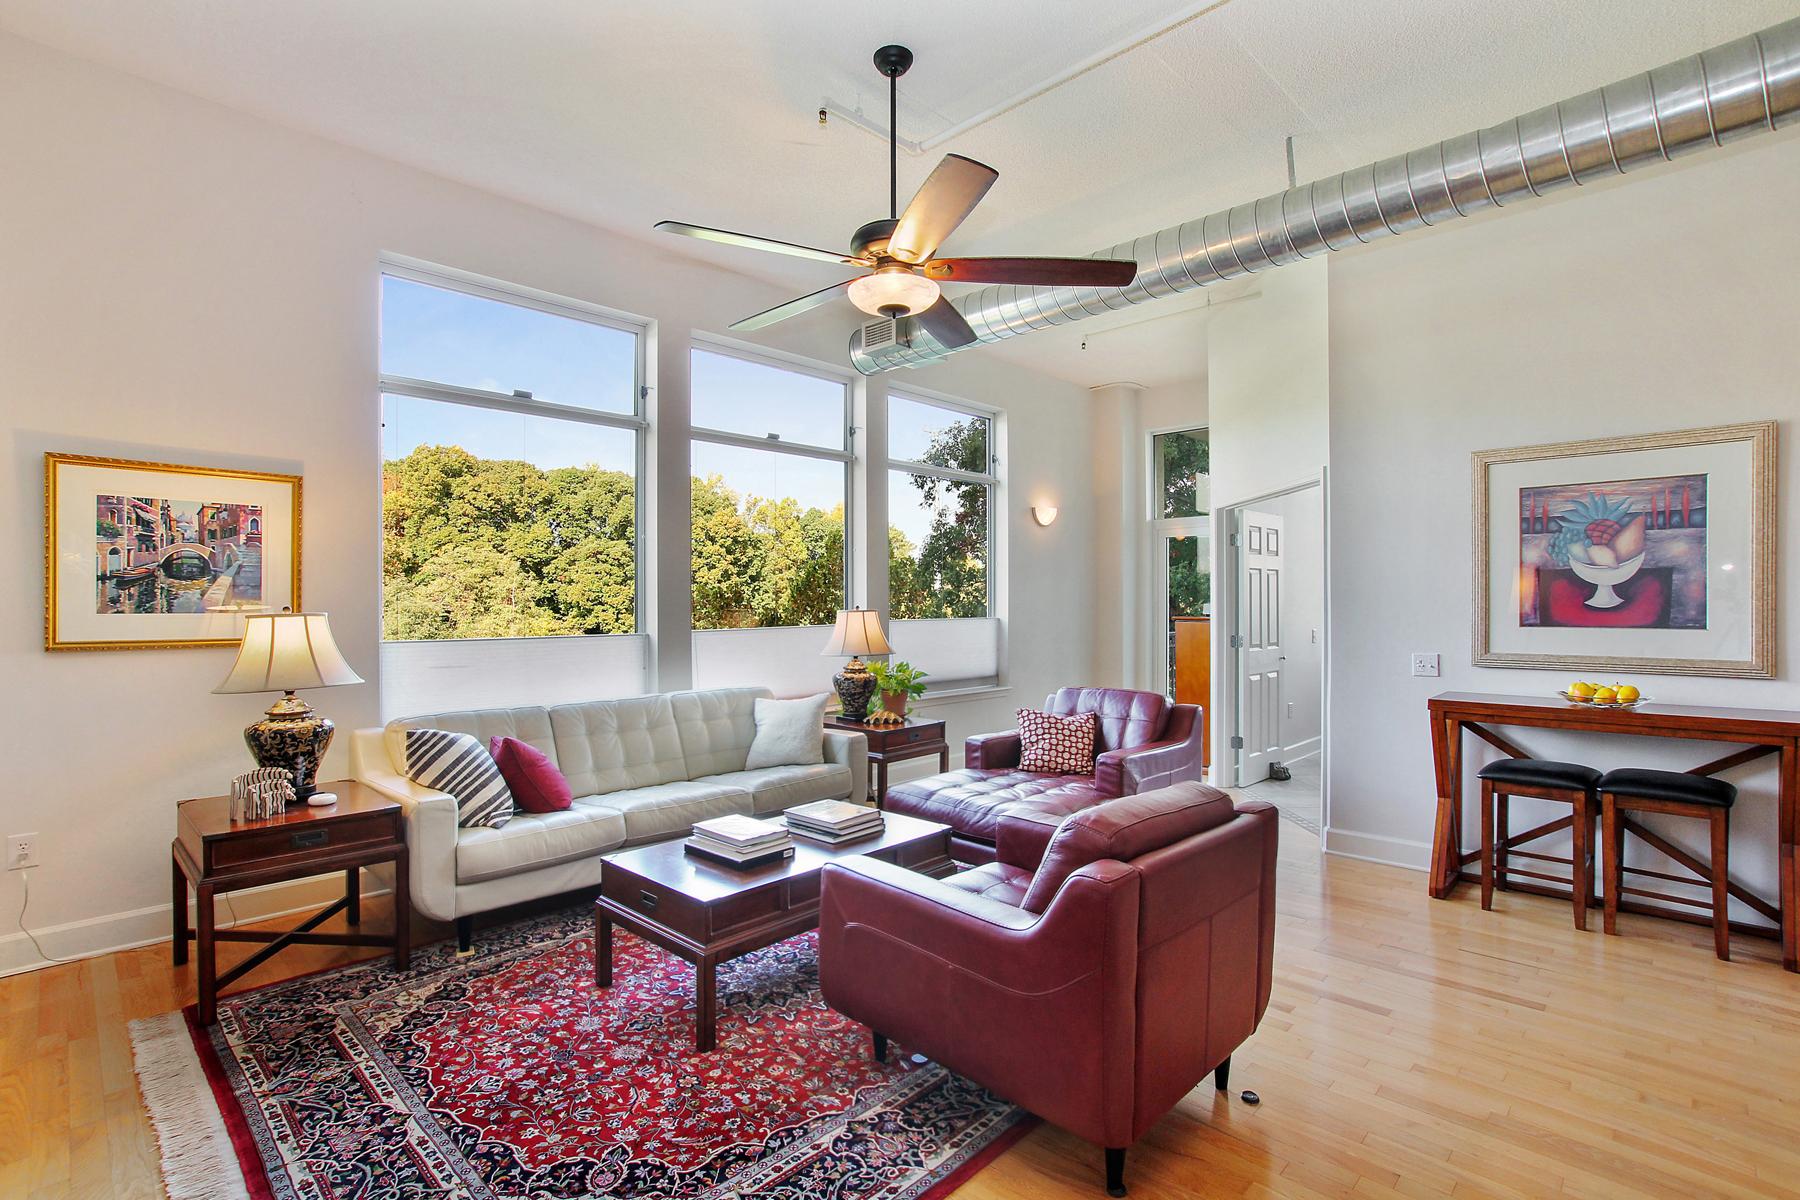 独户住宅 为 销售 在 Luxury City Living 3820 Roswell Road NE Unit 409 亚特兰大, 乔治亚州, 30342 美国